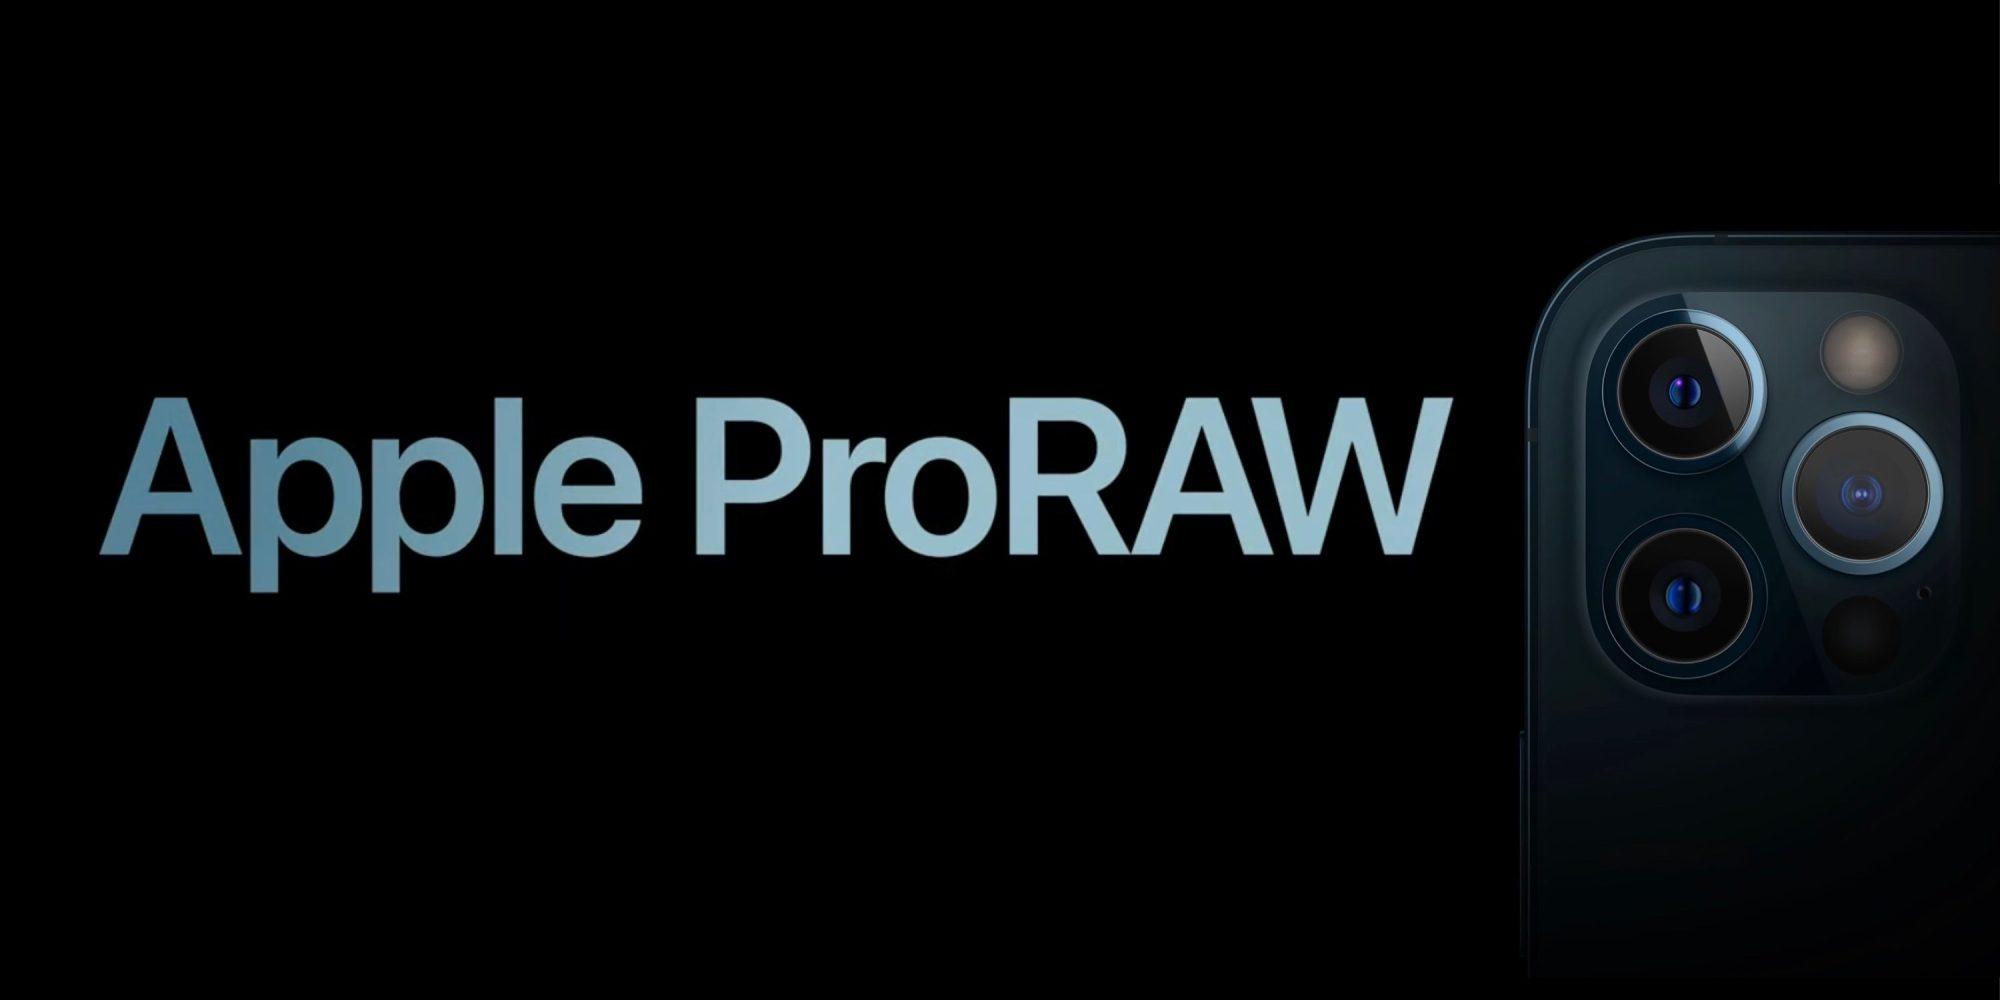 Ảnh ProRAW là gì, cách chụp ảnh ProRAW trên iPhone 12